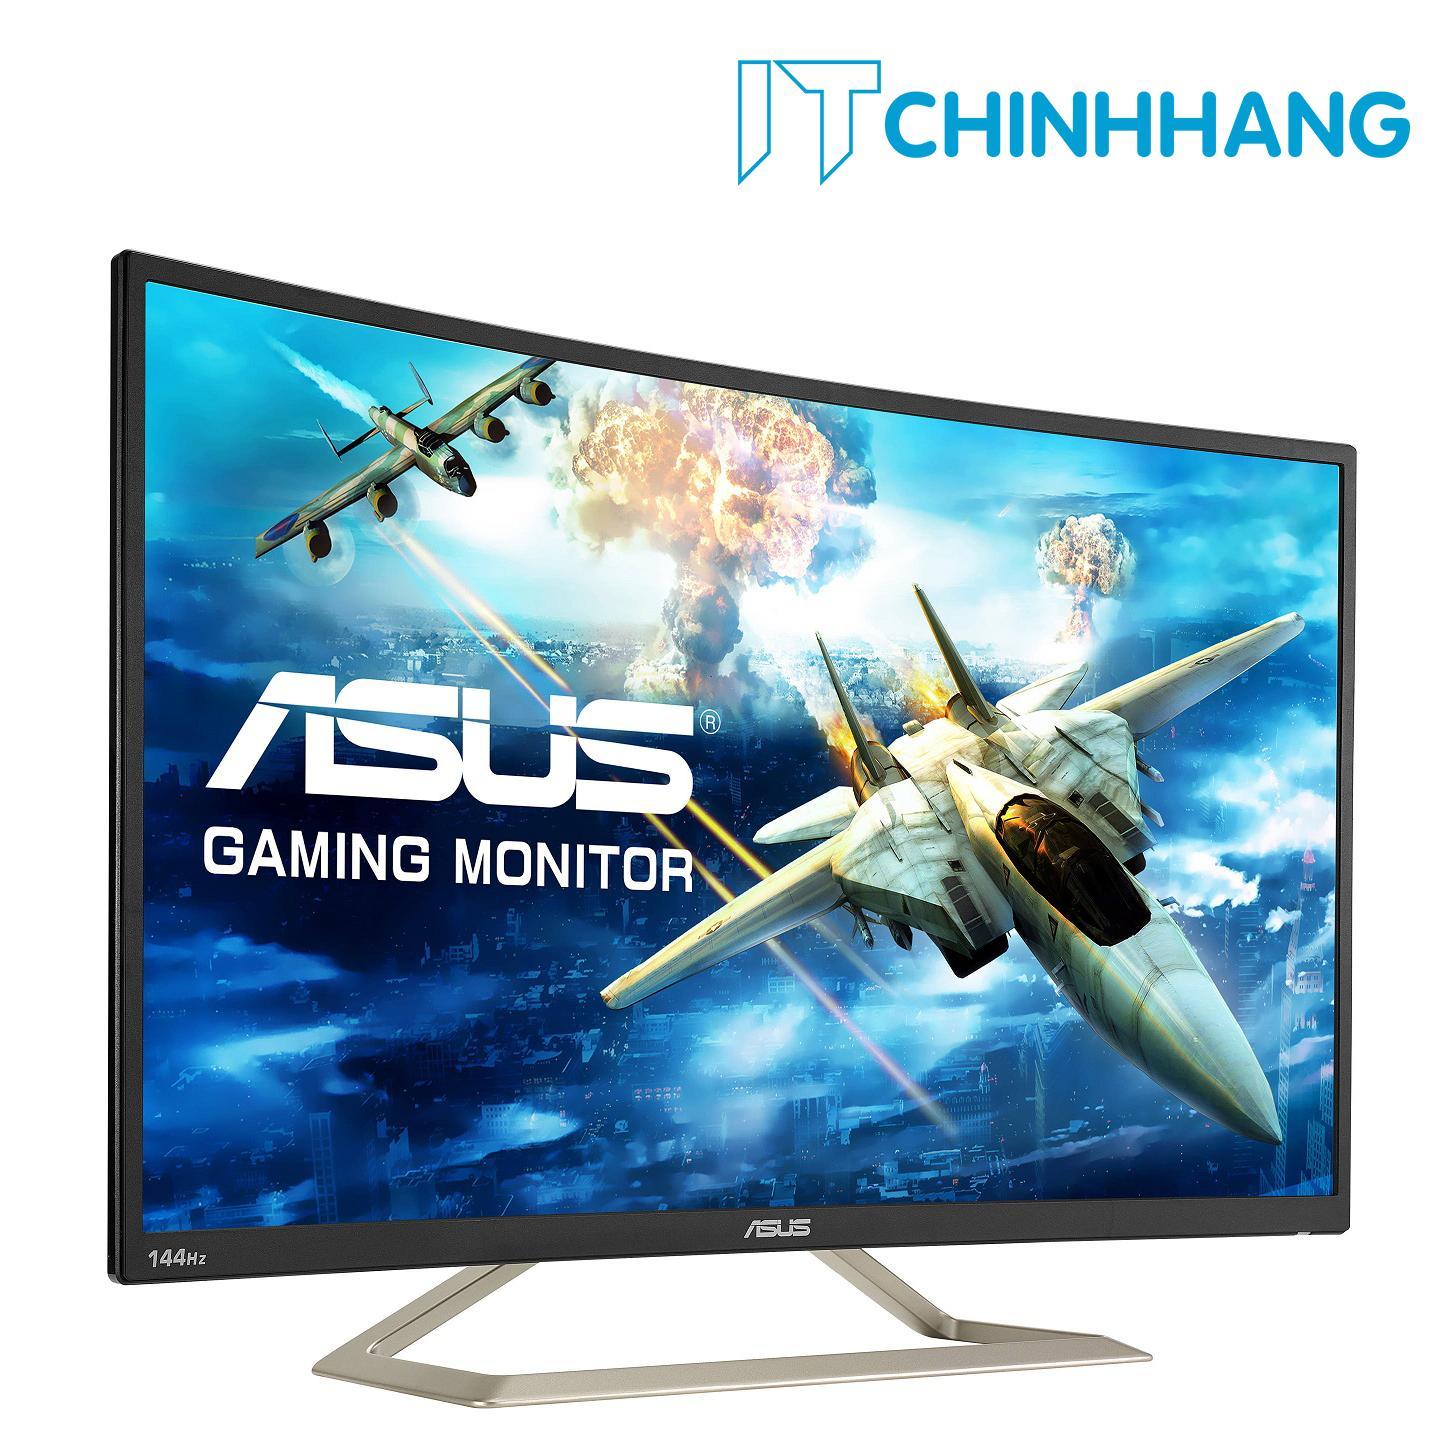 Giá Bán Man Hinh Gaming Asus Va326H 32 144Hz Hang Phan Phối Chinh Thức Trong Hồ Chí Minh